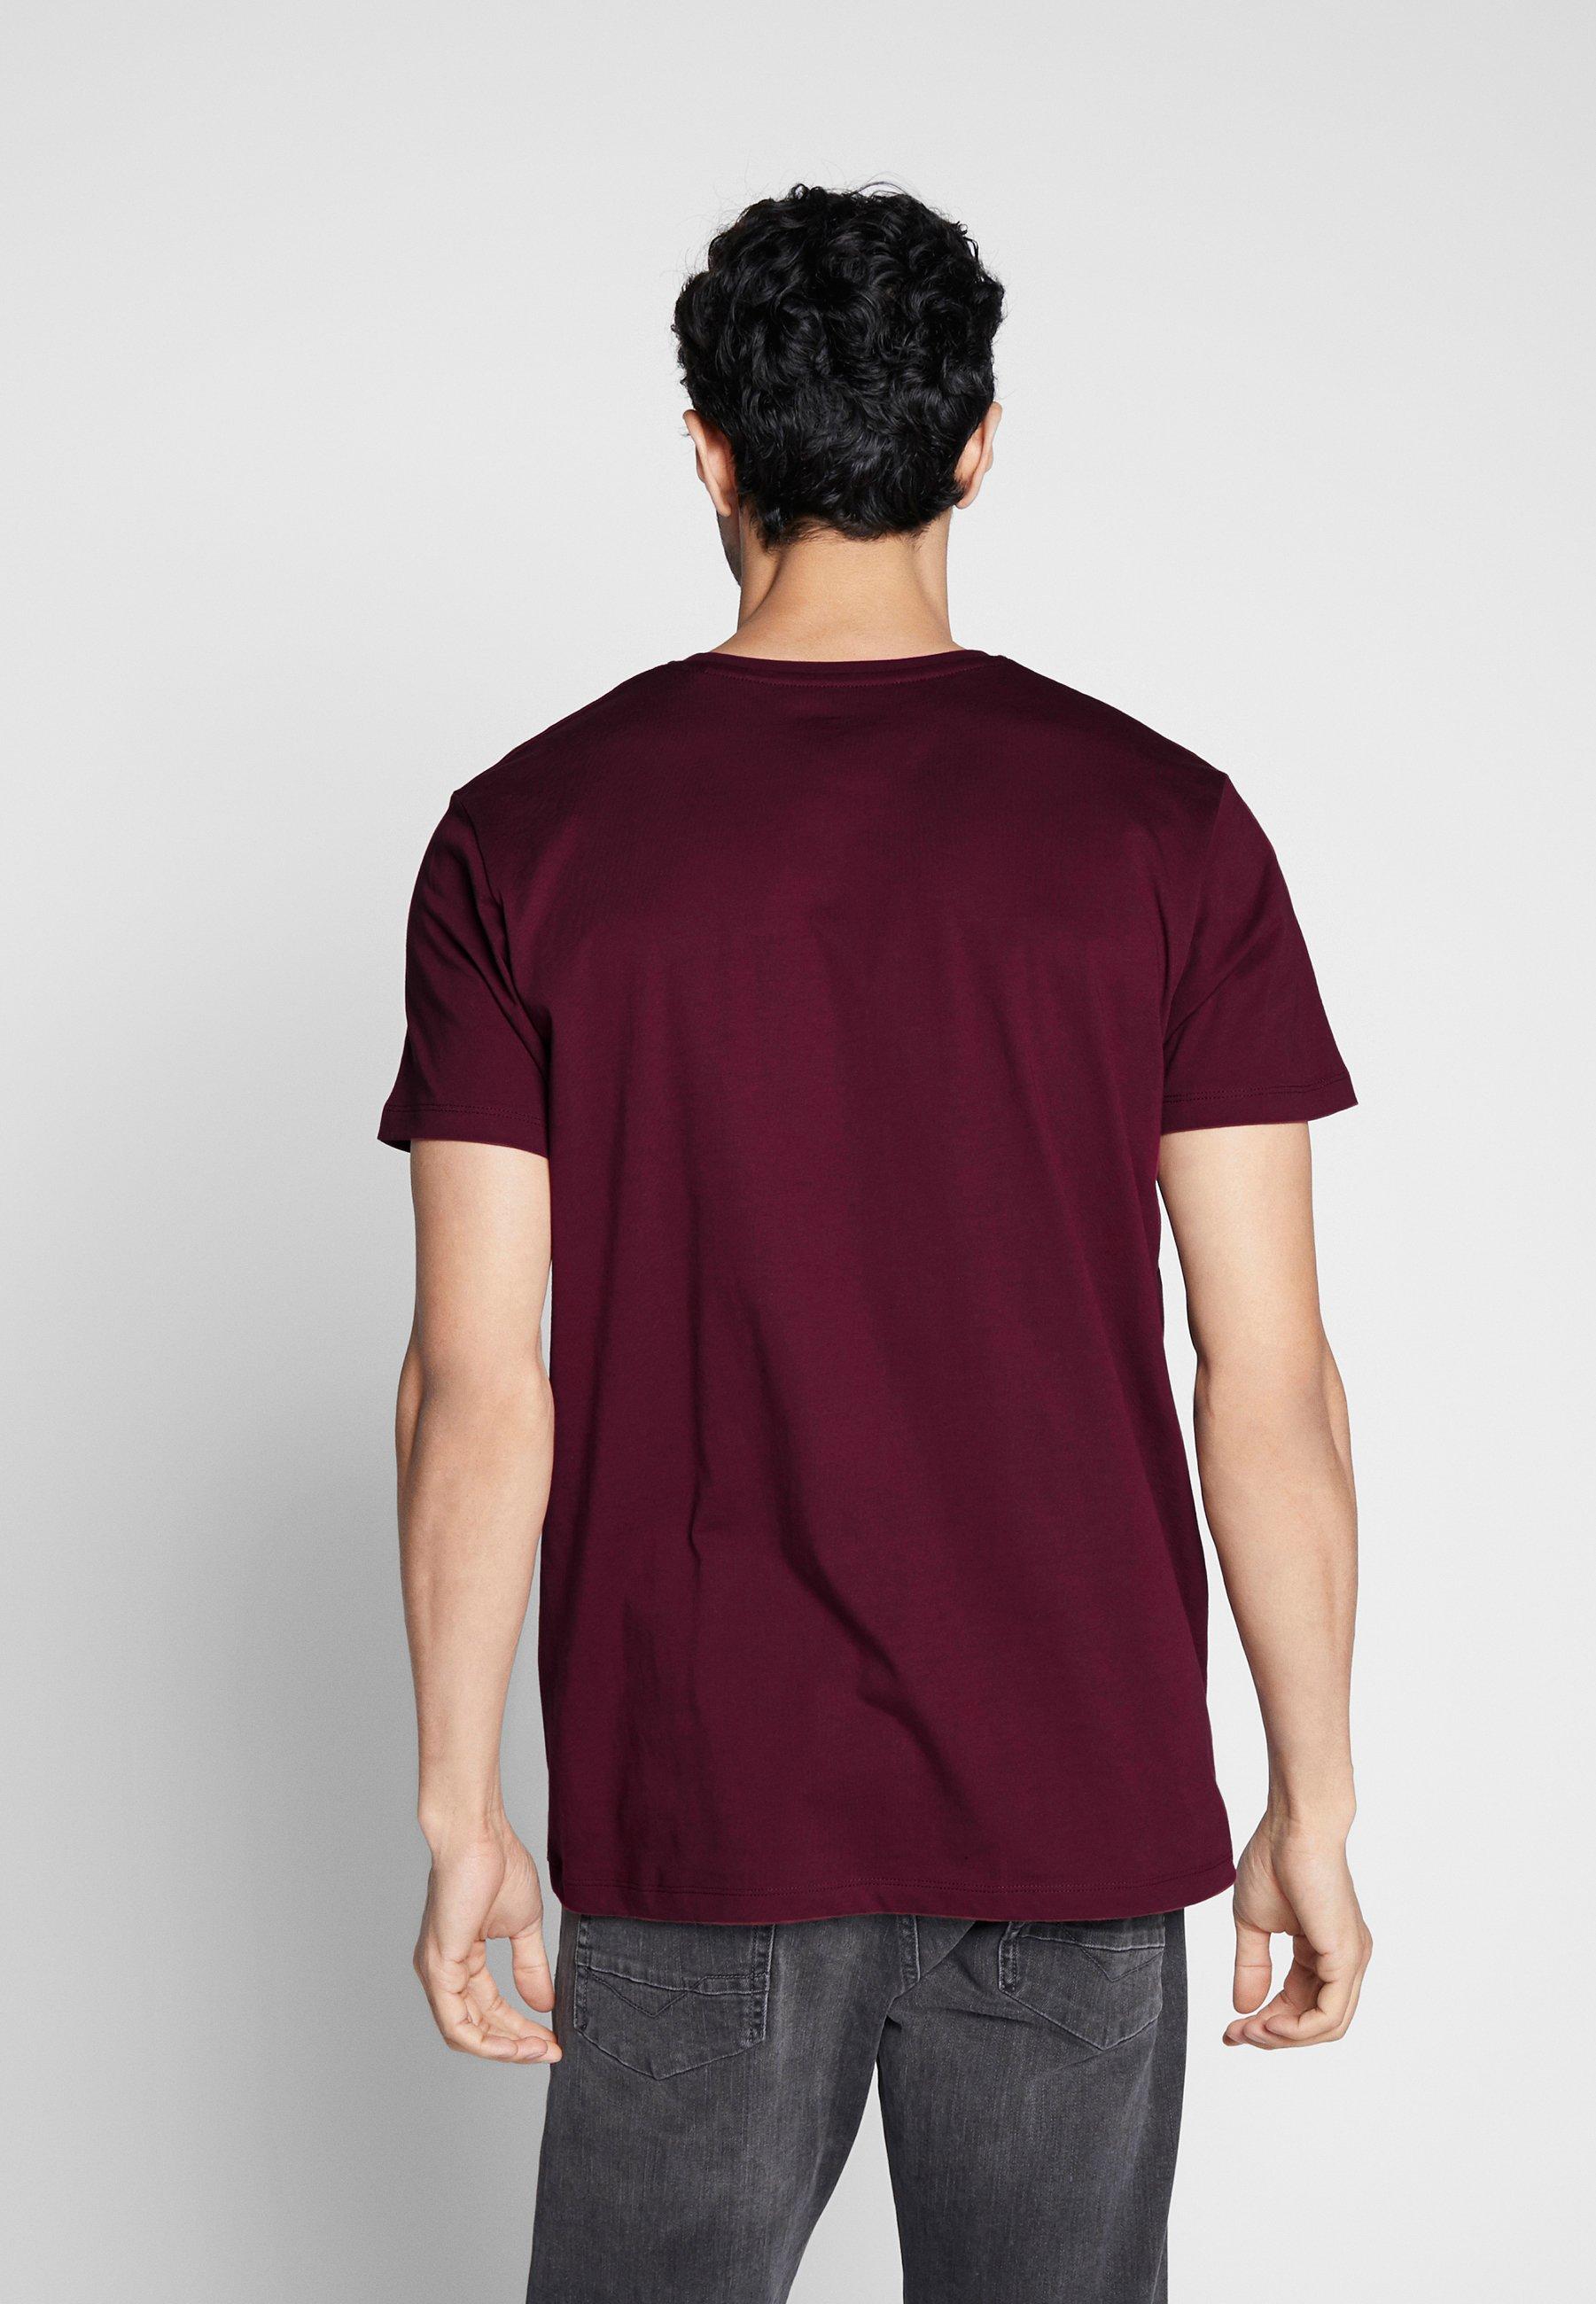 Esprit T-shirt basic - bordeaux red